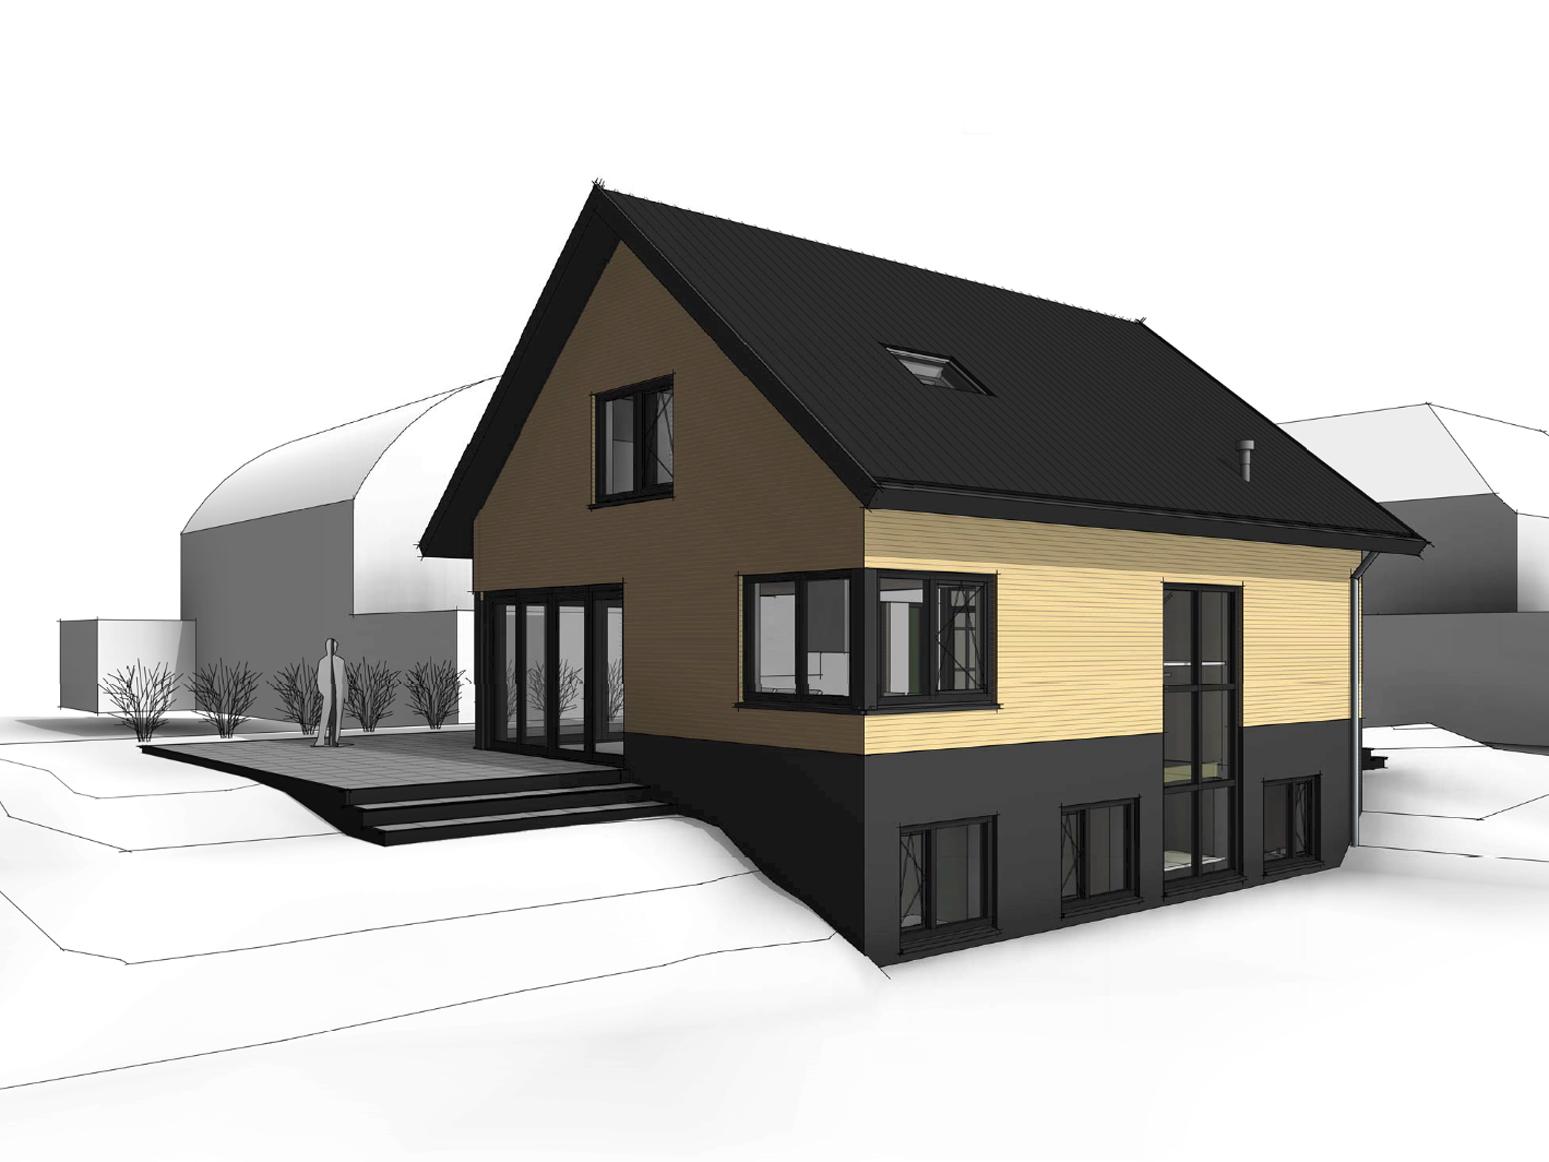 schuurwoning-vrijstaande-woning-eigentijds-vlakke-pan-donker-metselwerk-te-twello-van-oord-architectuur-en-design-architect-voorst-architect-apeldoorn-2